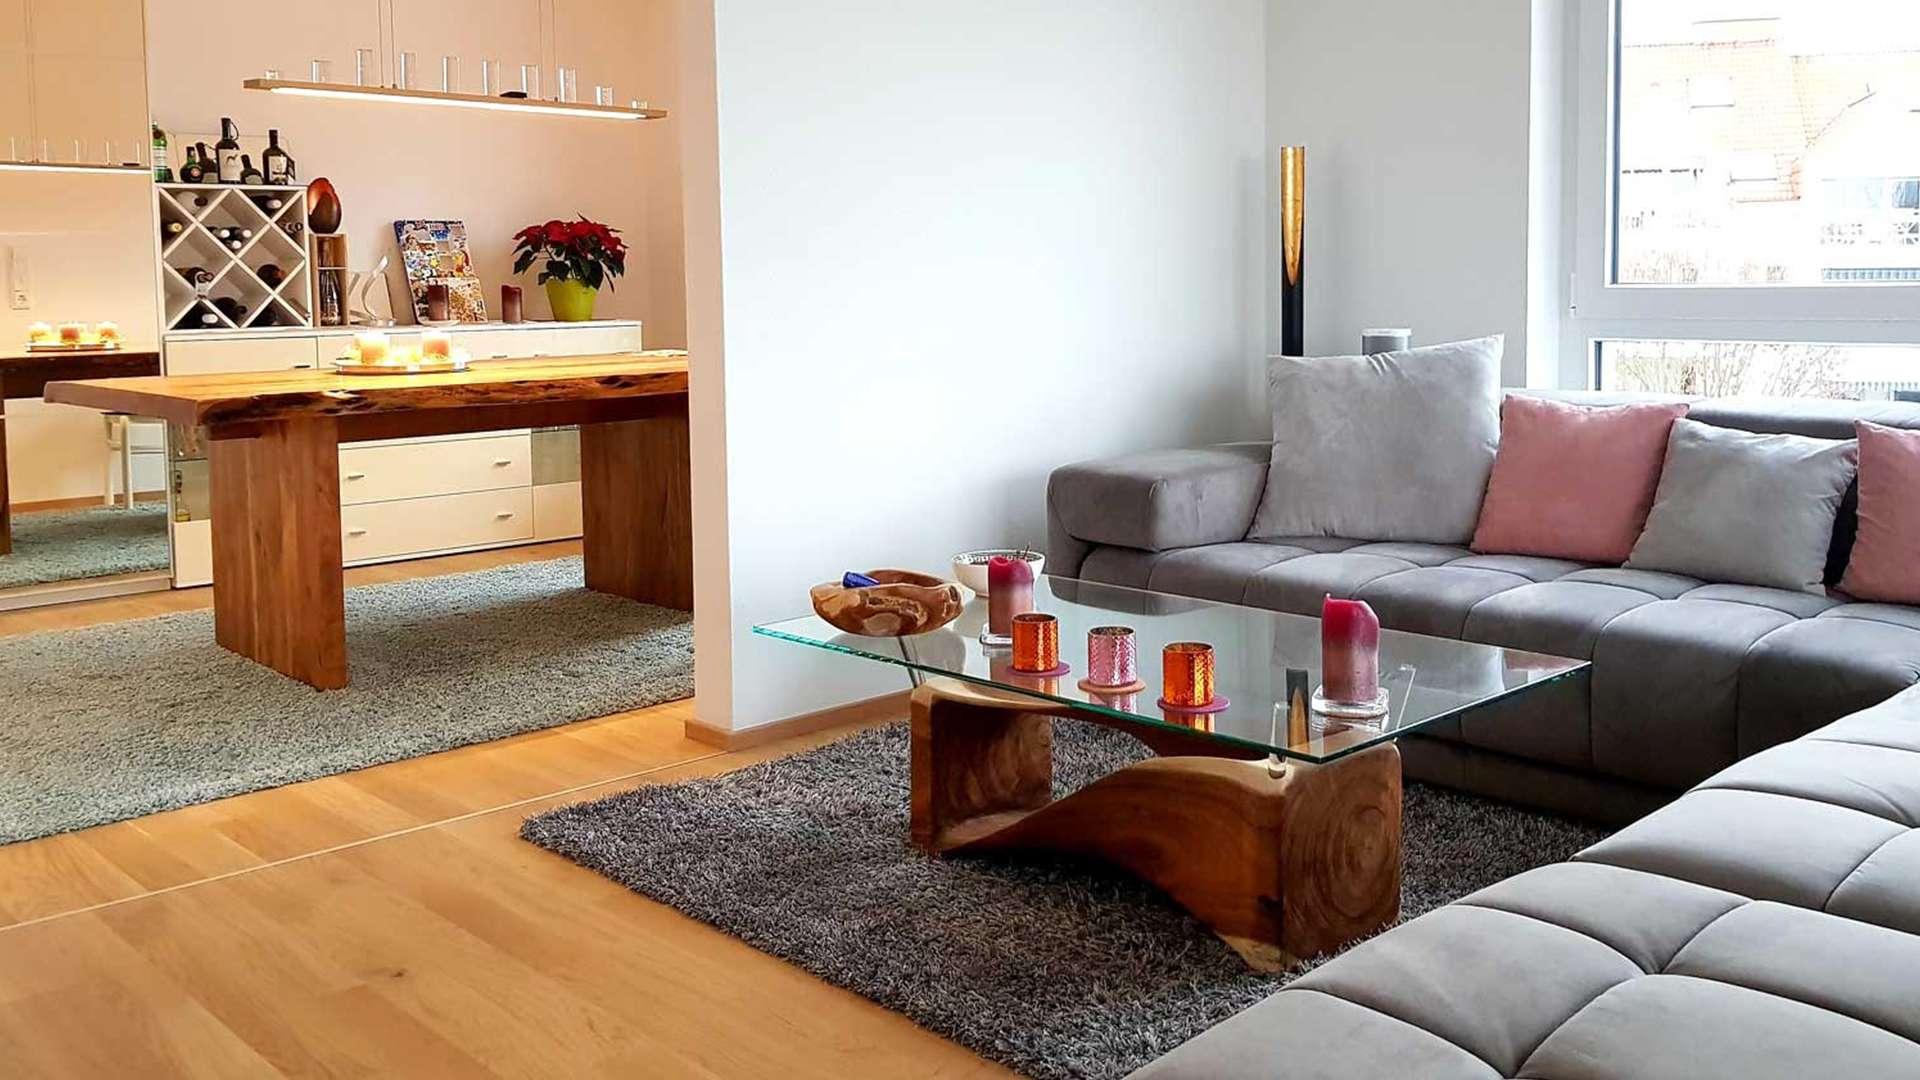 Wohnzimmer mit Picassi Wohnzimmertisch und Esstisch